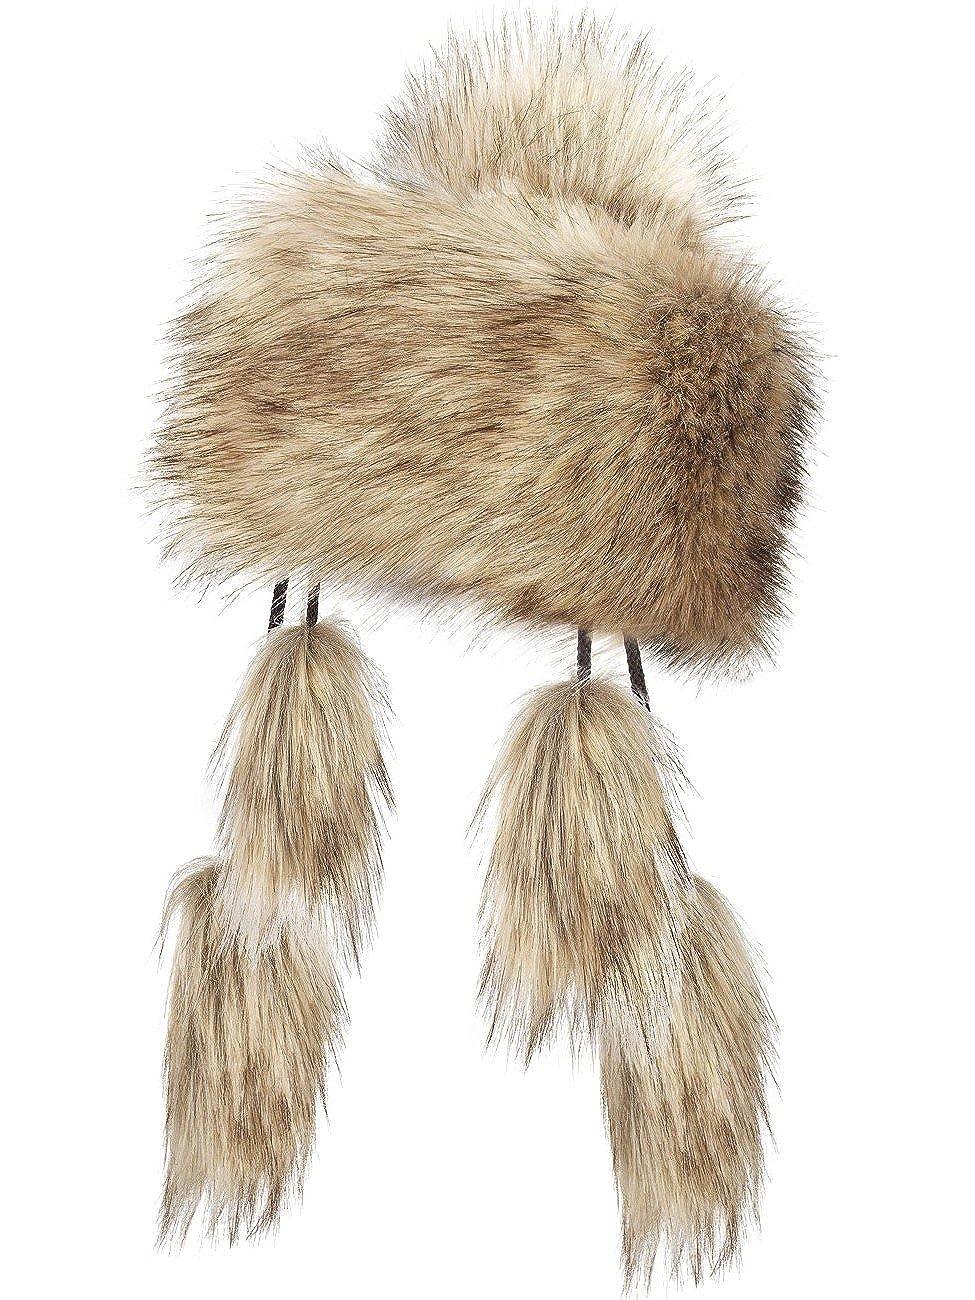 Futrzane Mongolian Faux Fox Fur Winter Hat for Women Russian Ski Futrzane-mongolka-15